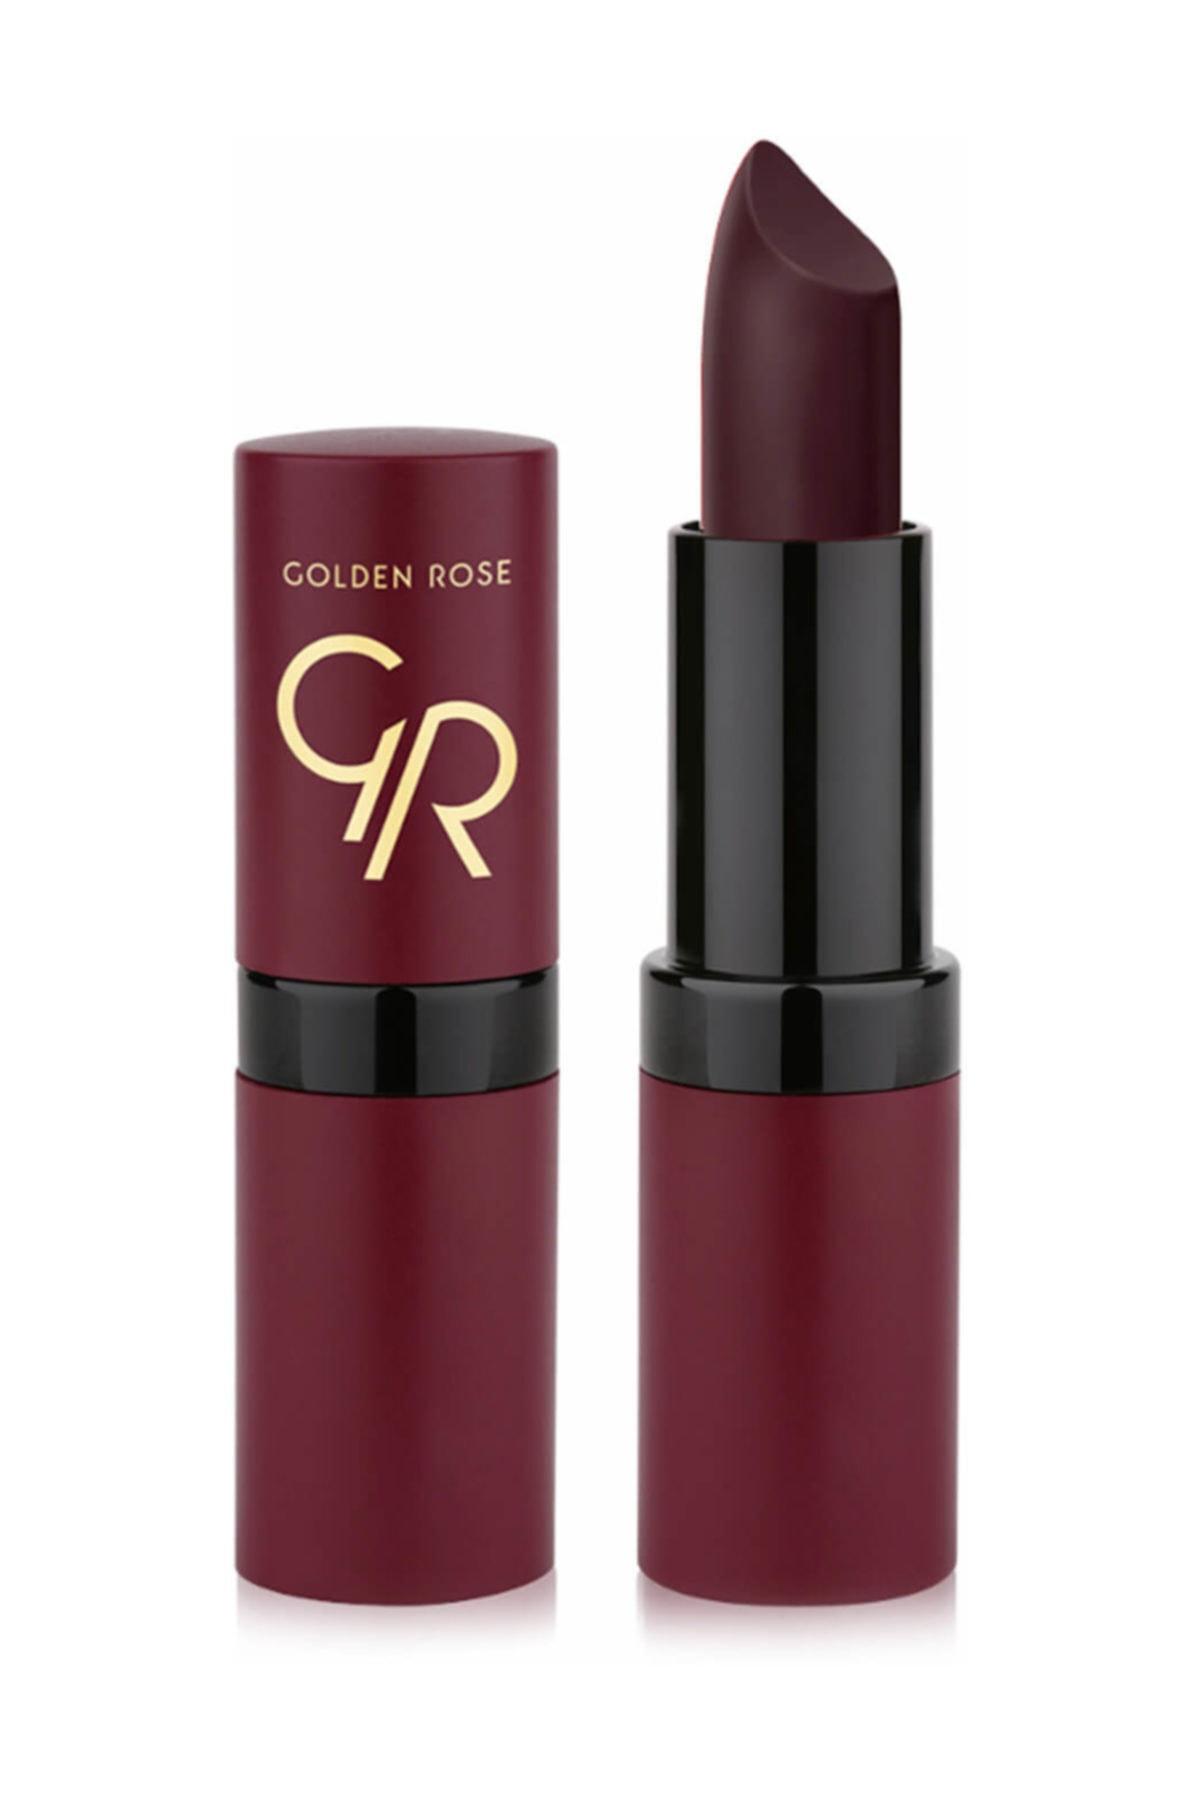 Golden Rose Mat Ruj - Velvet Matte Lipstick No: 29 8691190466299 1